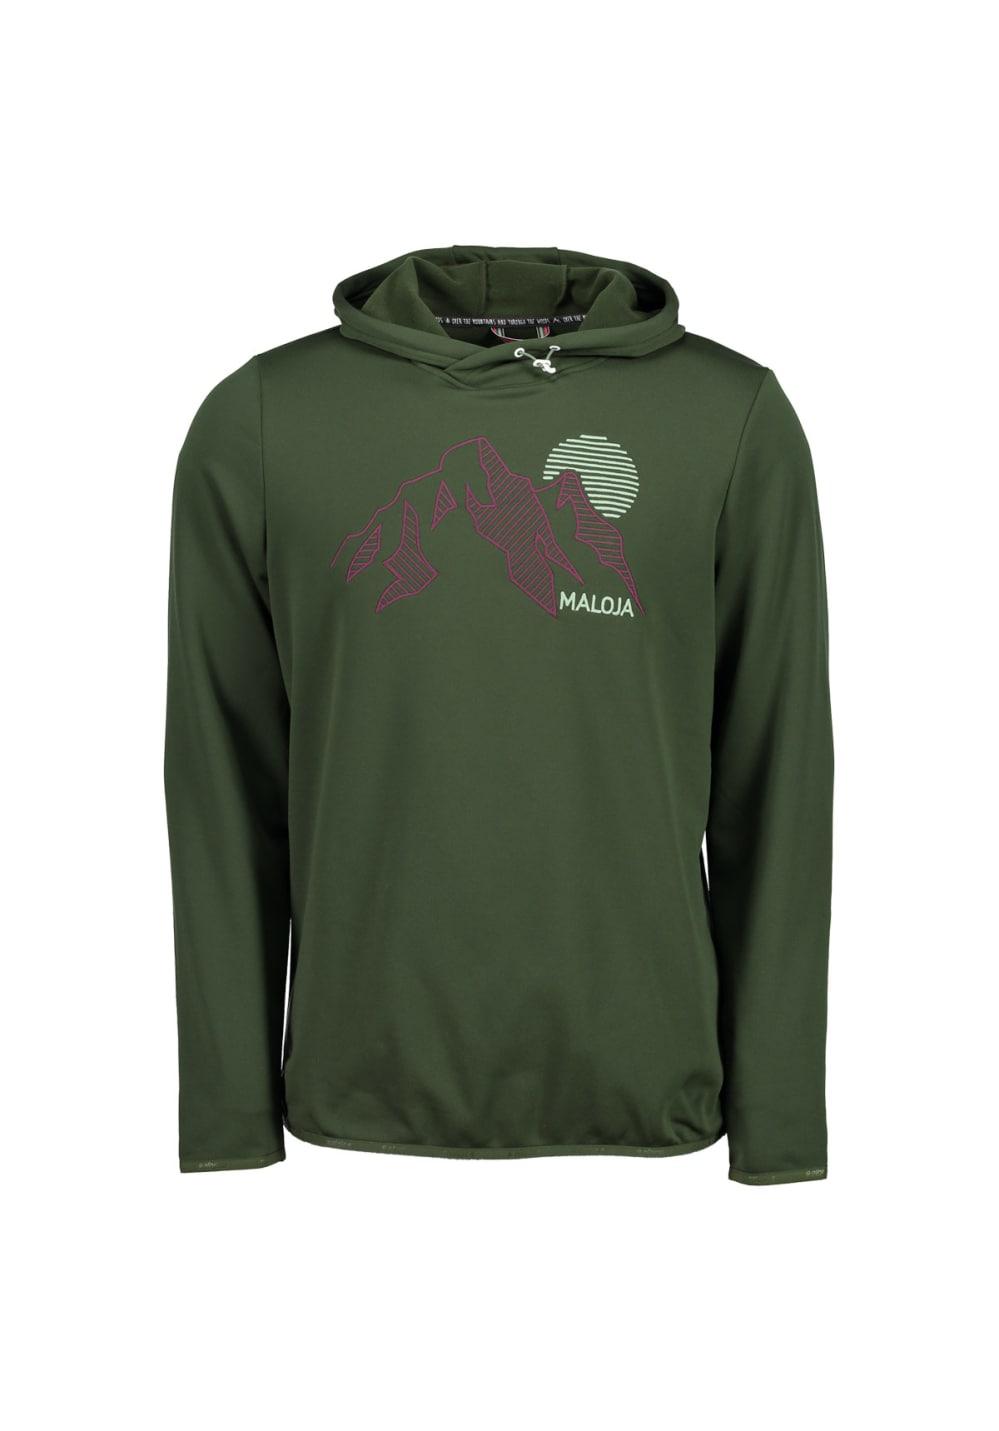 Maloja EscheM. FLeece Hoody - Sweatshirts & Hoodies für Herren - Grün, Gr. S